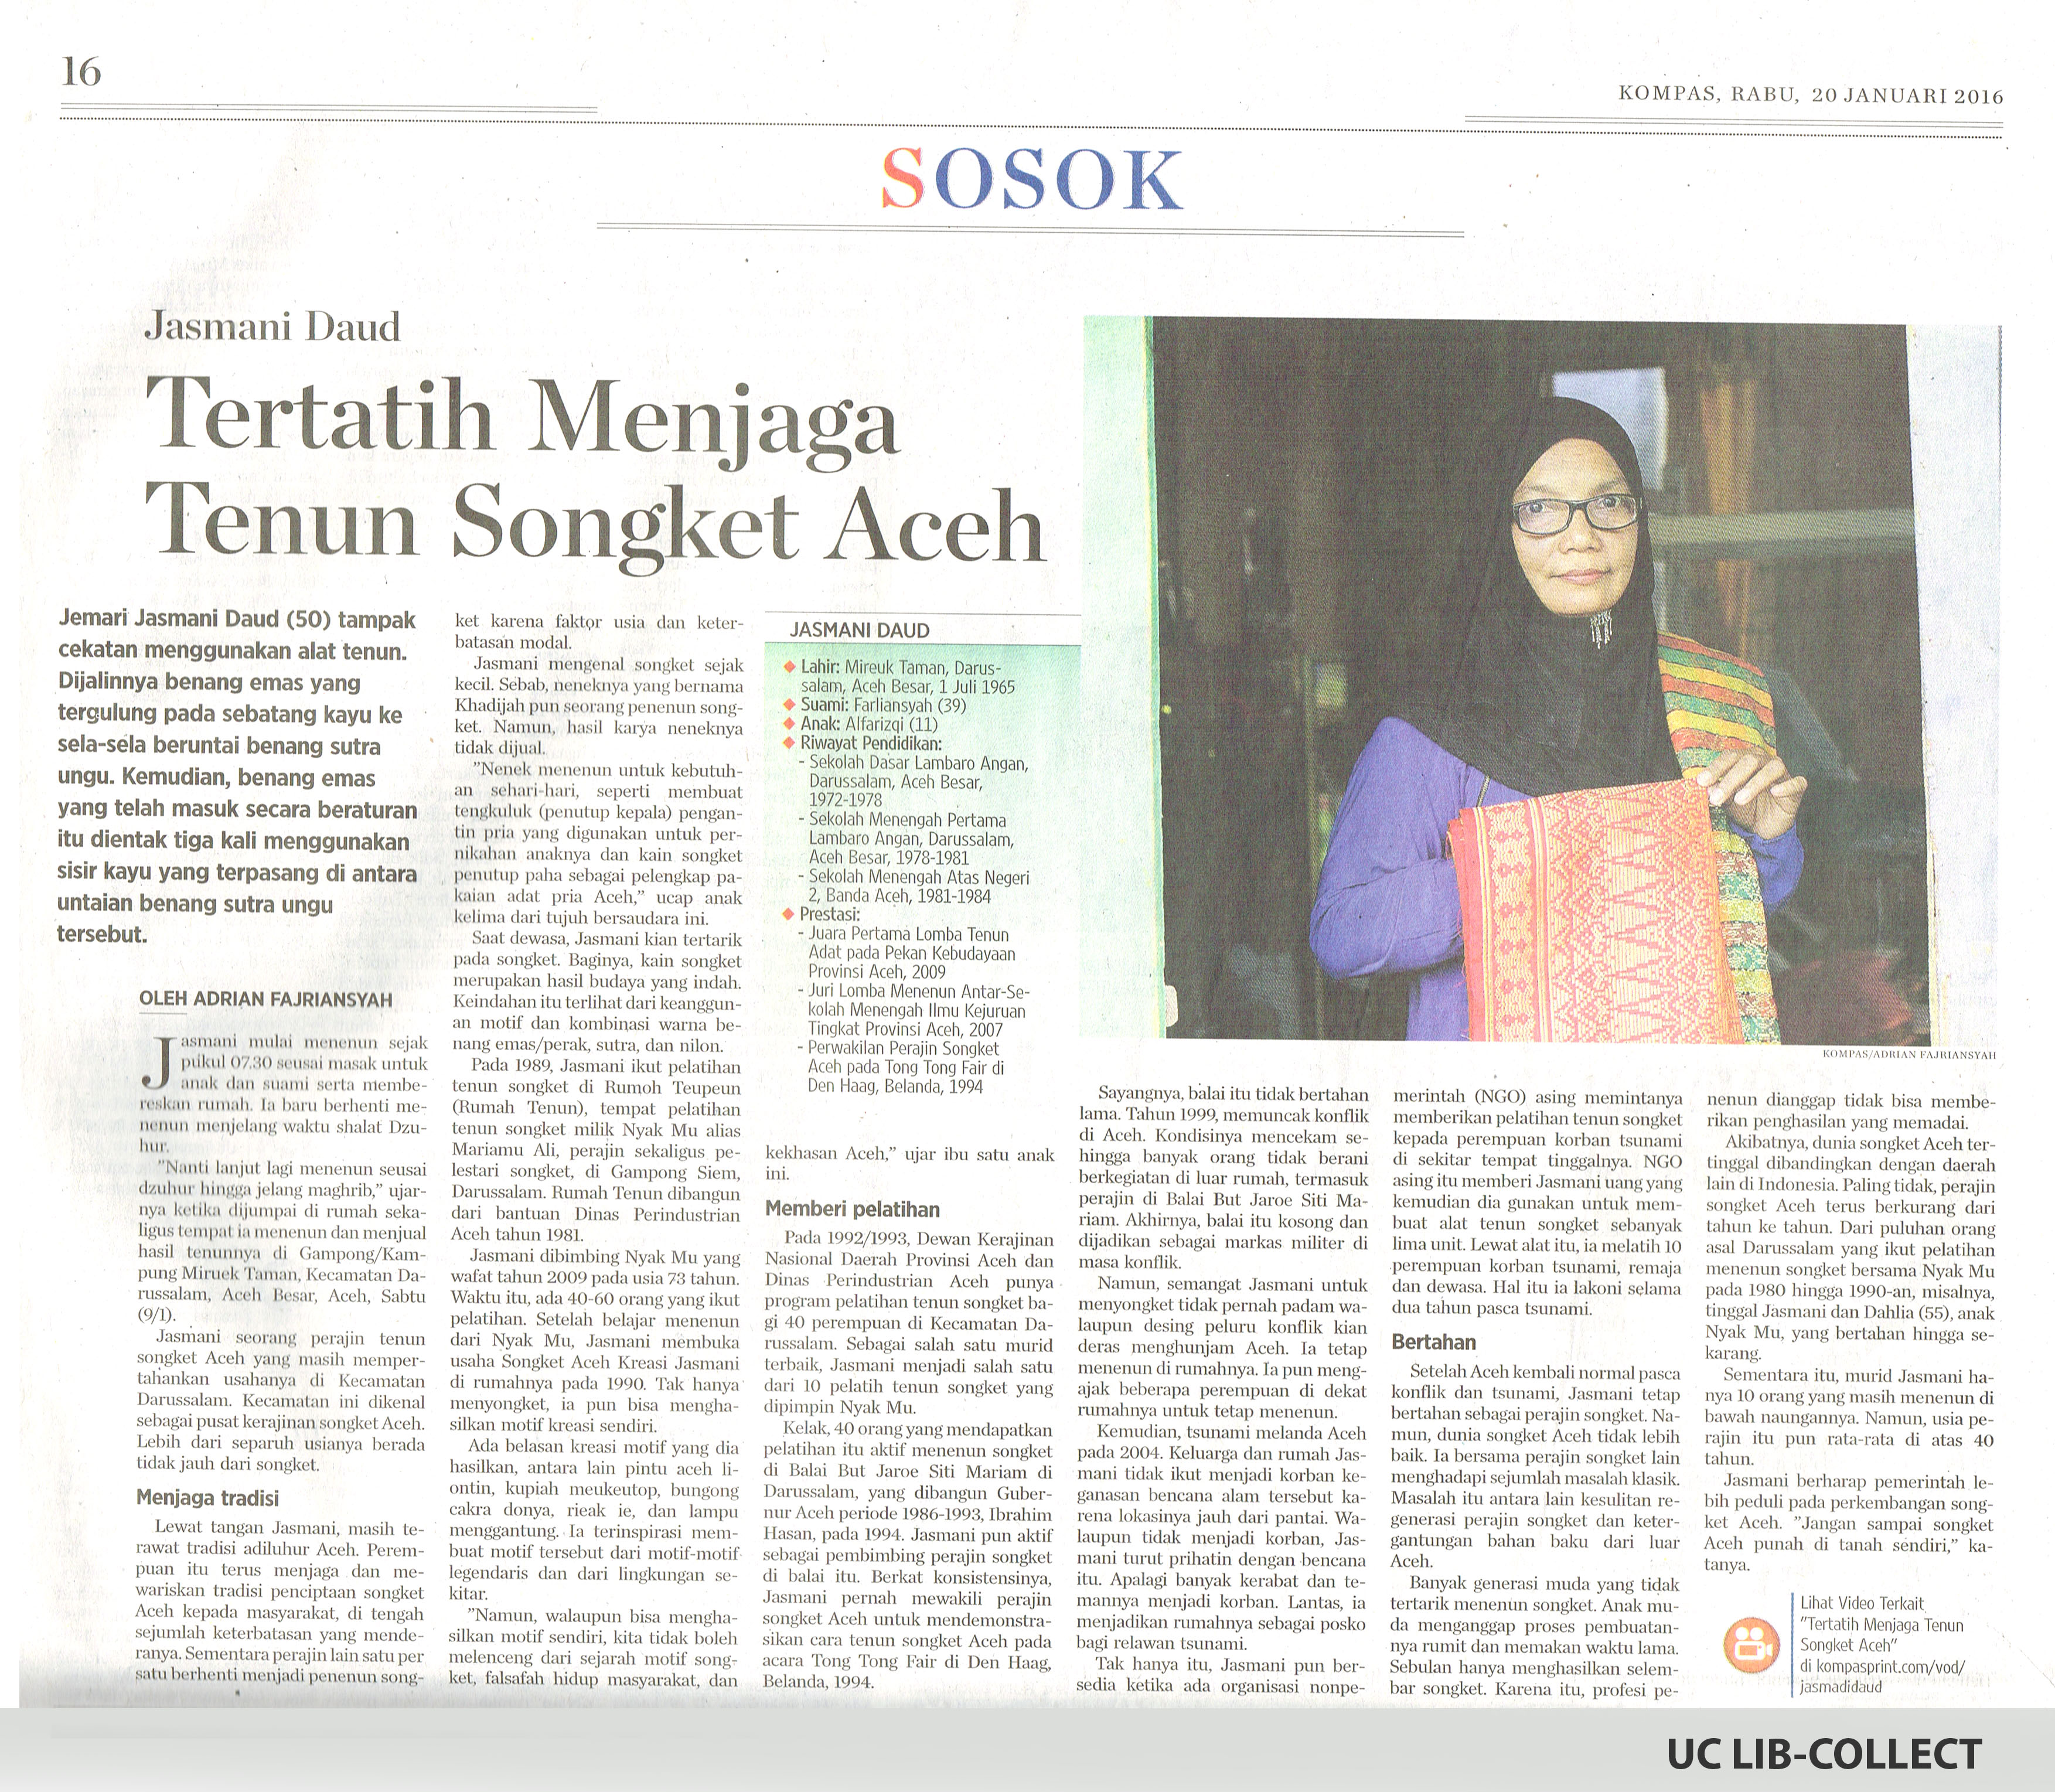 Jasmani Daud. Terlatih Menjaga Tenun Seongkat Aceh. Kompas. 20 Januari 2016. Hal 16